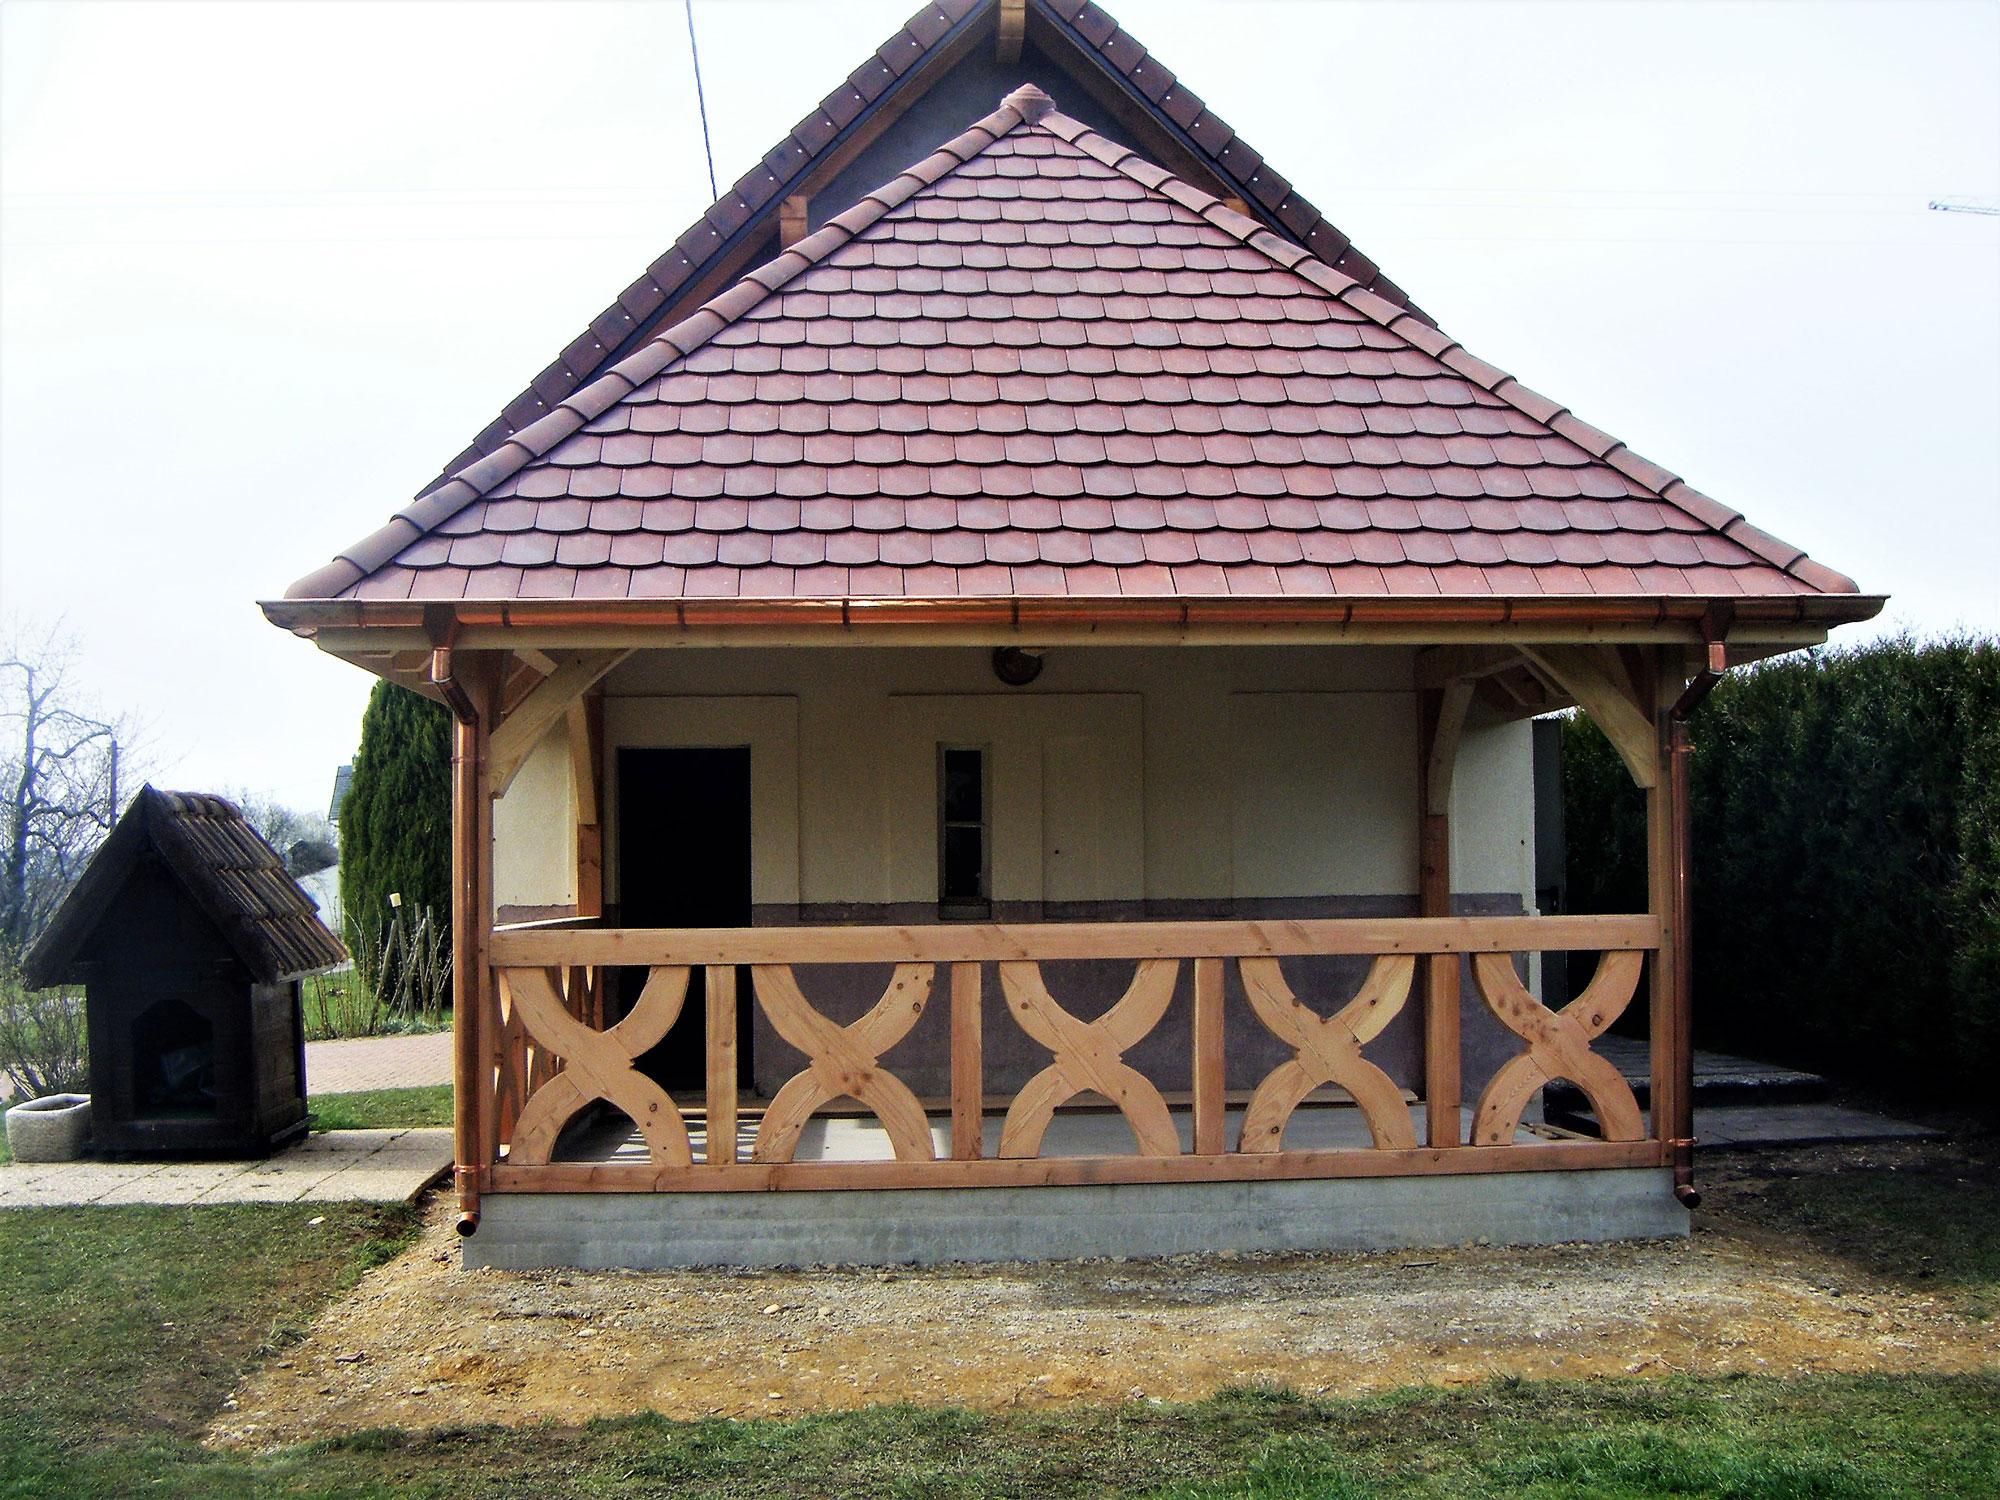 Annexe Maison Bois Awesome Extension Et Remodelage Des Annexes  # Abris De Jardin Waremme